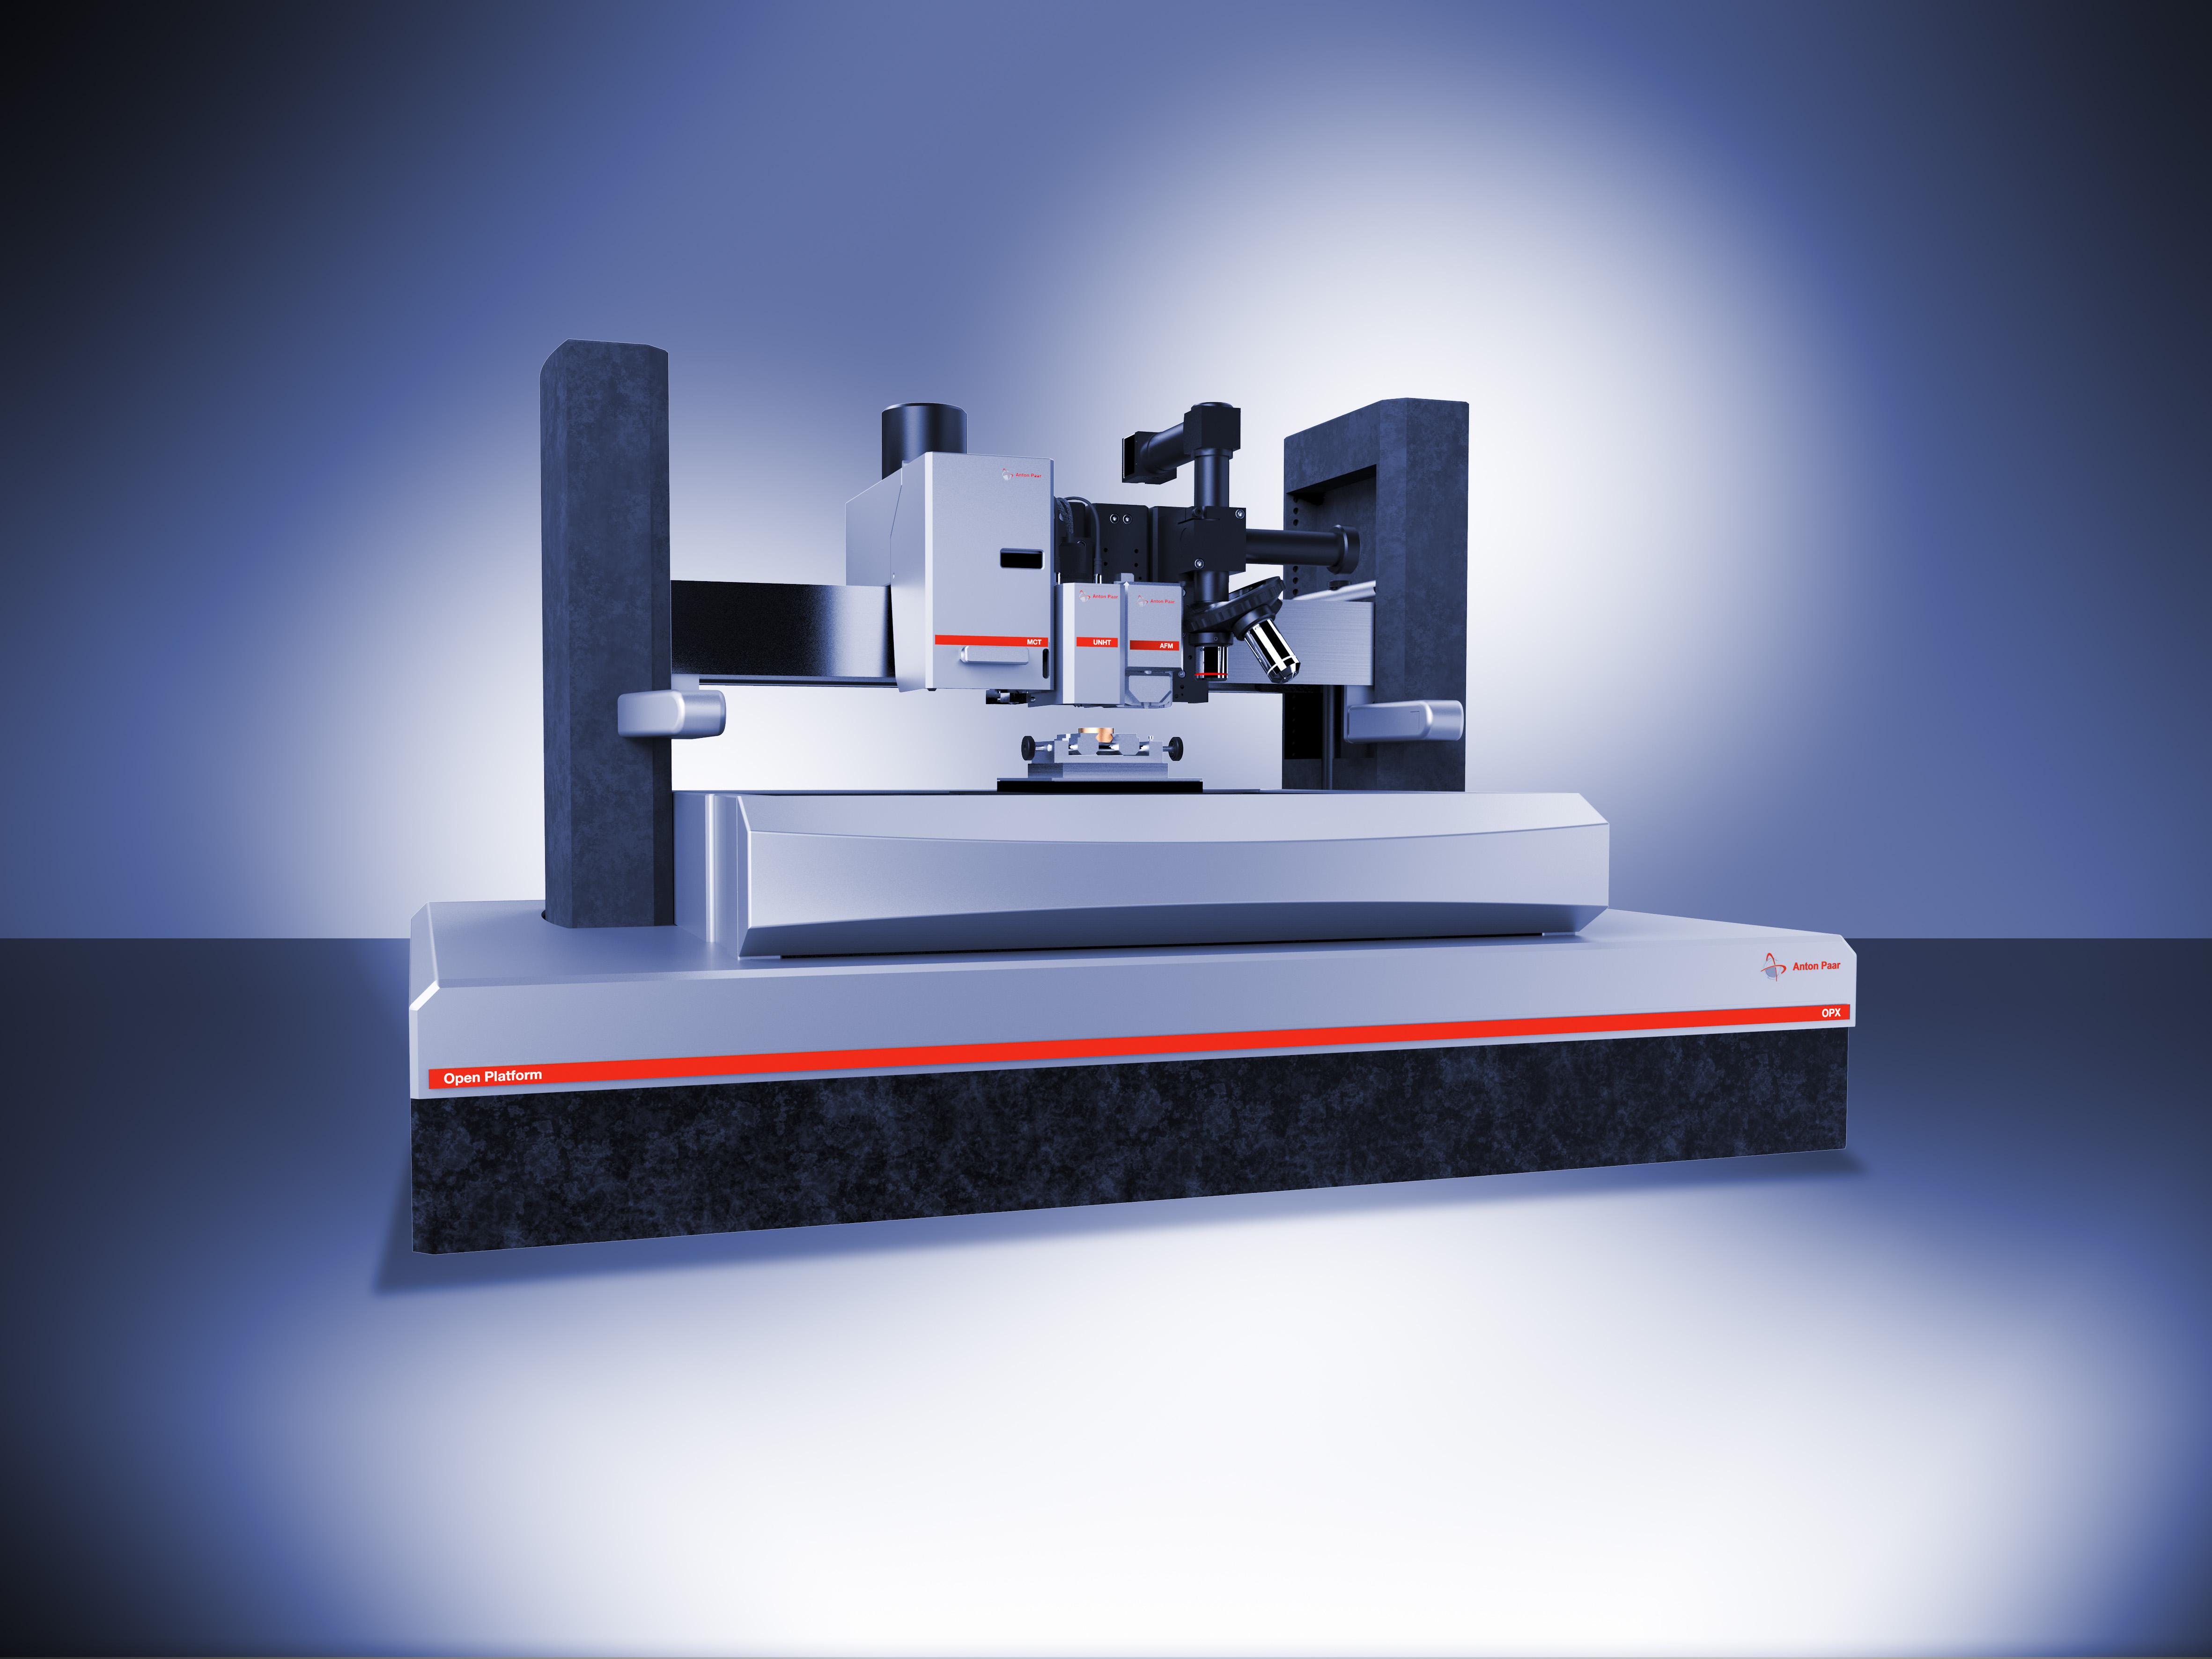 Рис.3: Микротвердомер МHT на Открытой платформе с Ультра-Нанотверодмером NHT2, Атомно силовым микроскопом WideScan AFM и видеомикроскопом